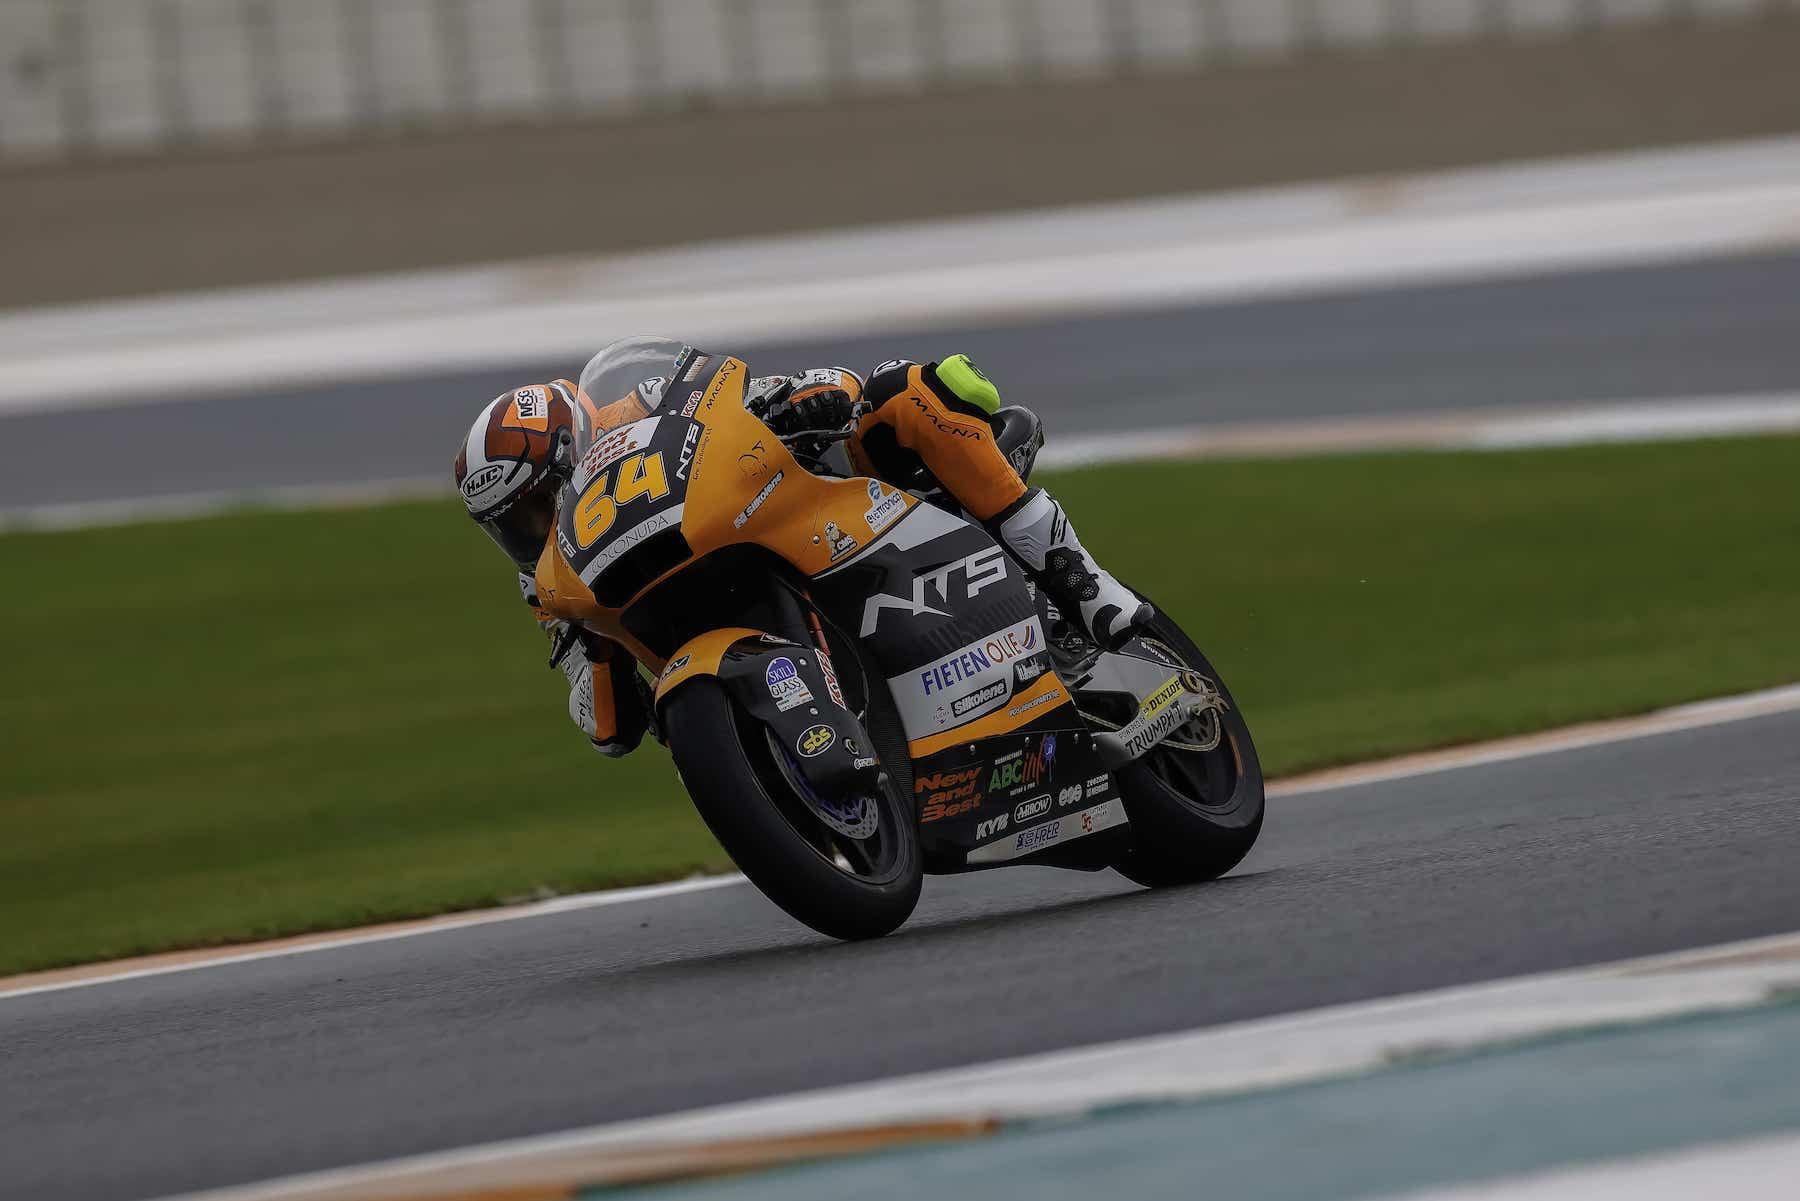 ヨーロッパGP NTS RW Racing GP 決勝レースレポート